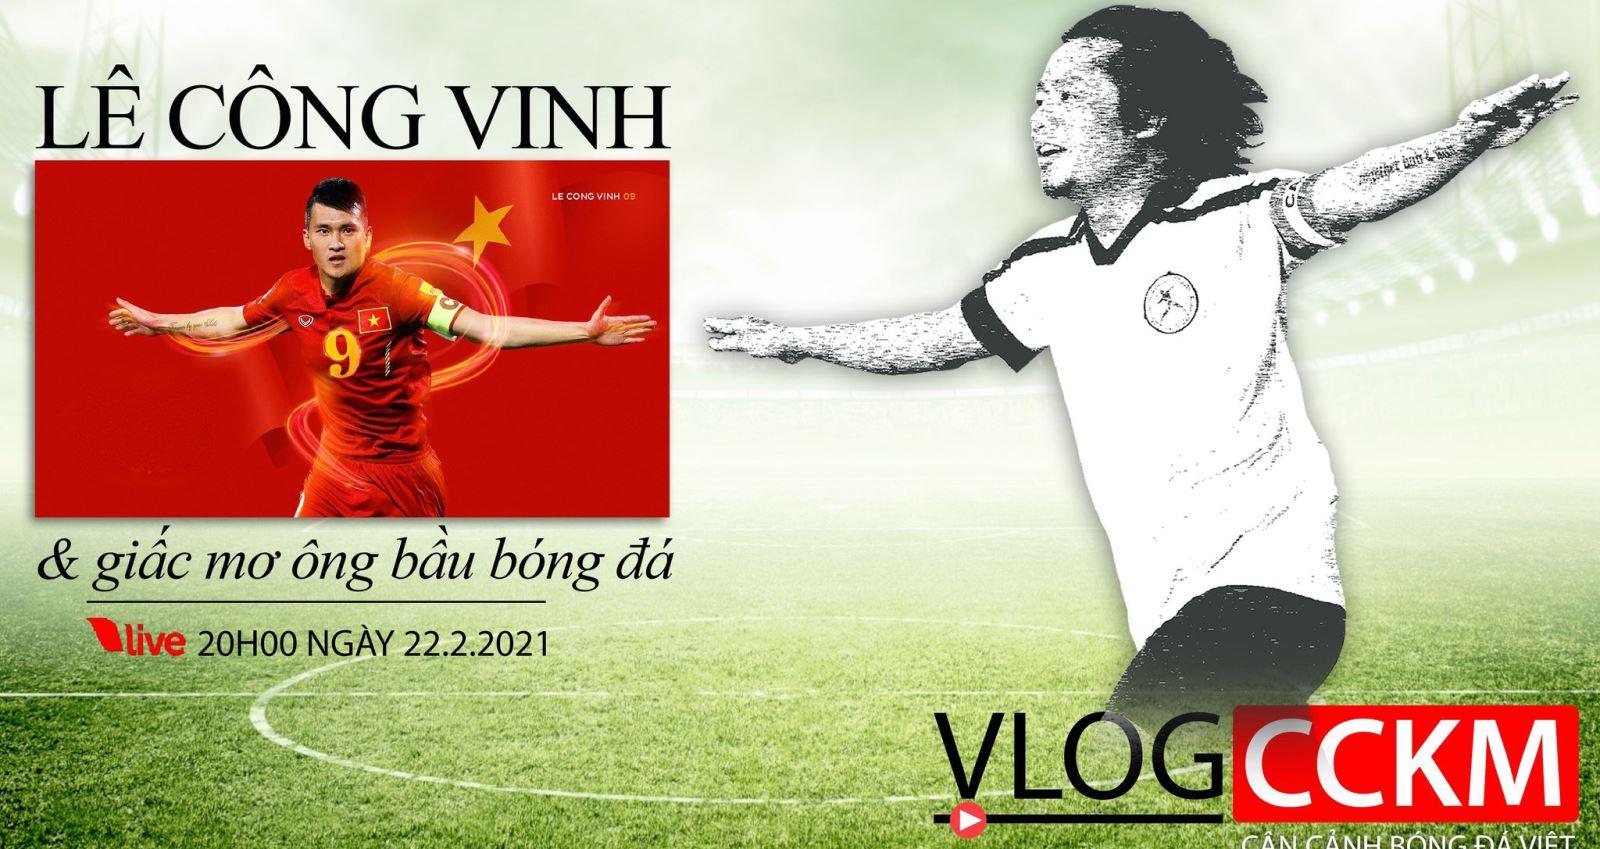 Lê Công Vinh, CCKM, bóng đá, bóng đá Việt, V-League, Trần Hải